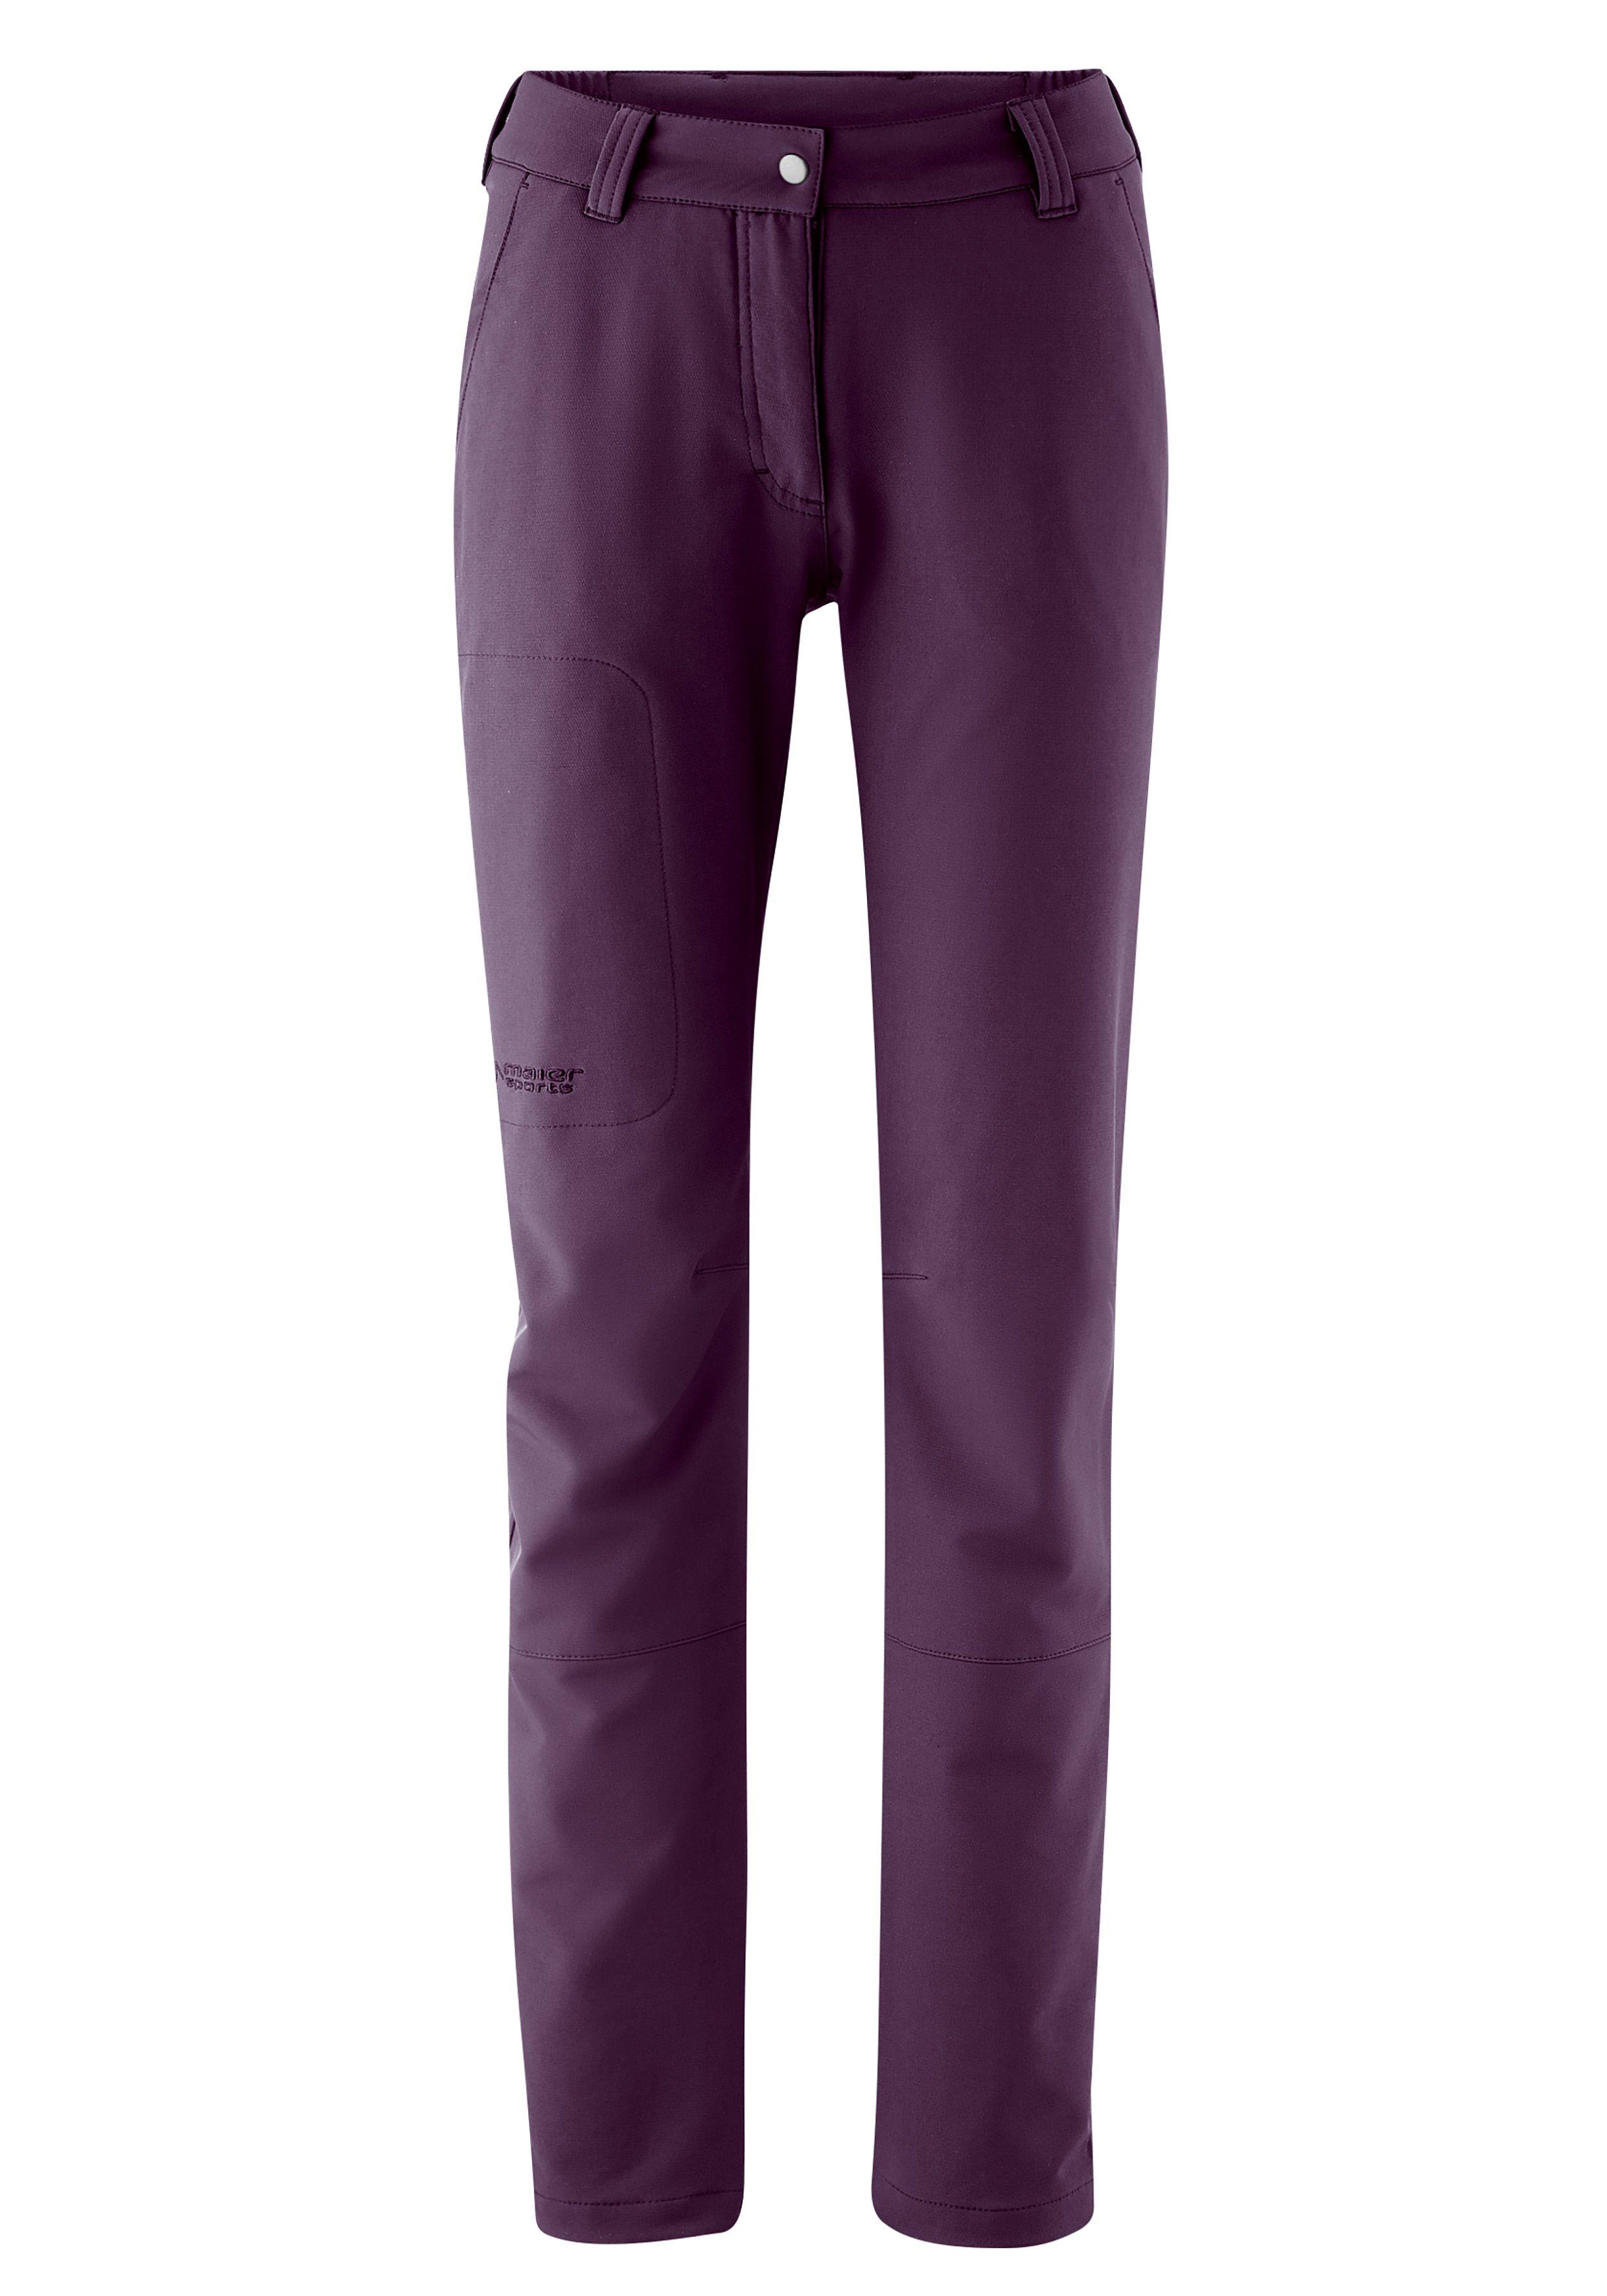 Maier Sports Funktionshose Helga, Warme Outdoorhose, robust, sehr elastisch günstig online kaufen